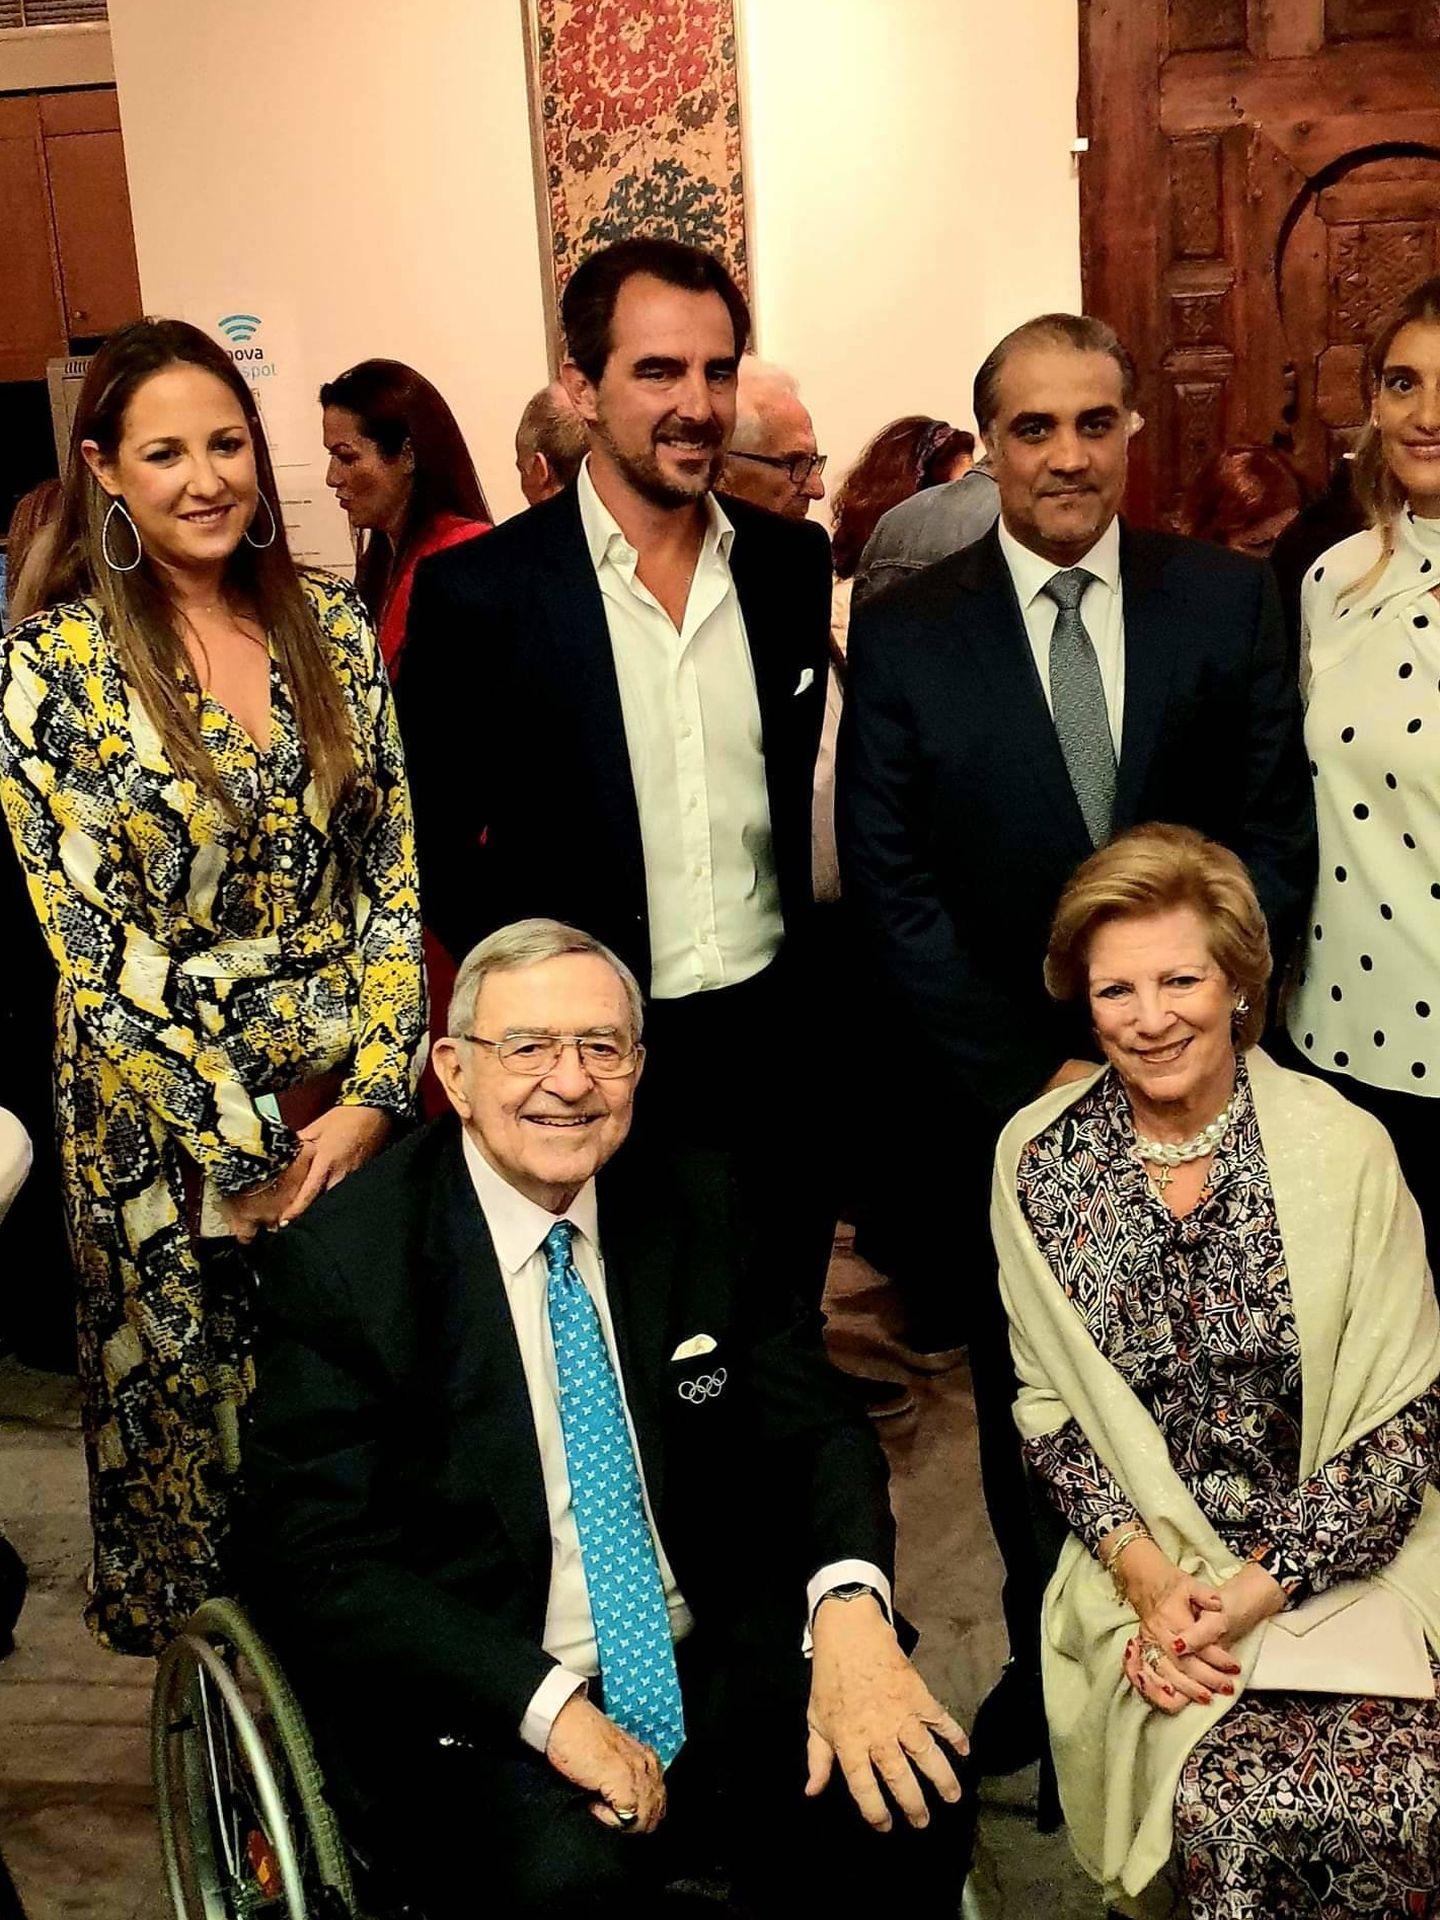 Constantino y Ana María de Grecia, junto a Nicolás y Teodora. (Twitter: @AndreasMegos)